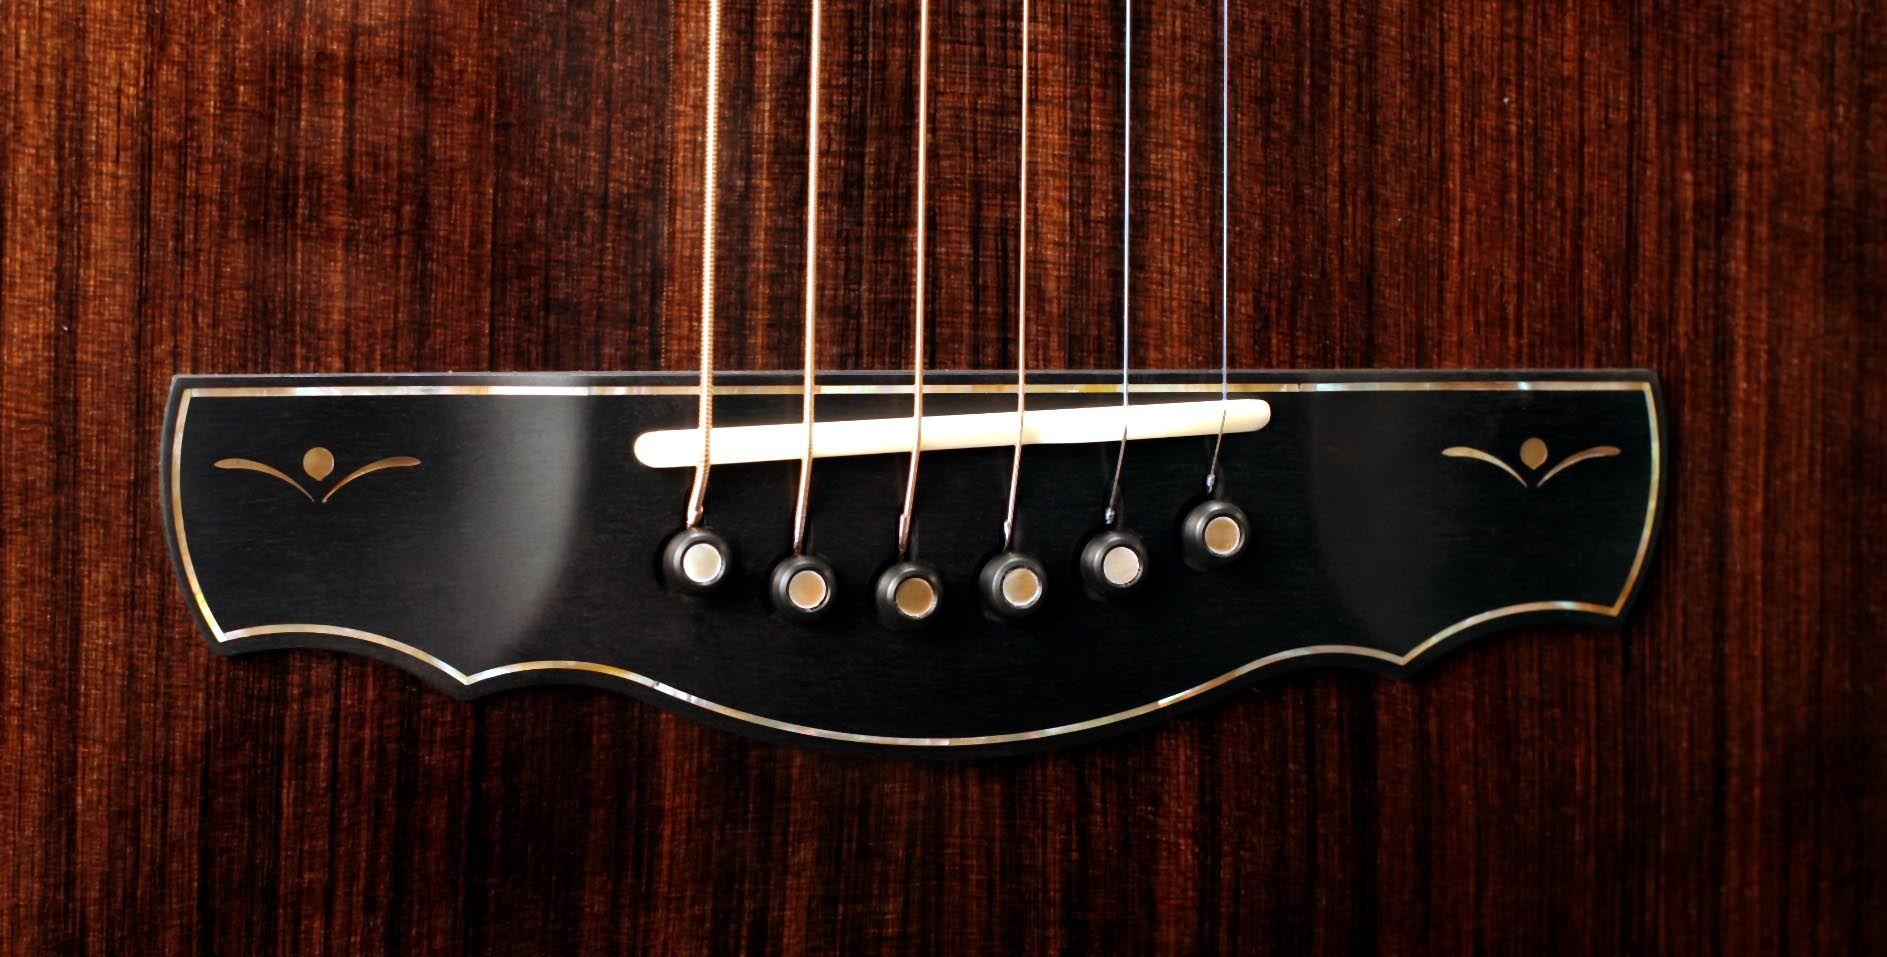 Bridge On A Kevin Ryan Acoustic Guitar Model Nightingale Guitar Custom Acoustic Guitars Beautiful Guitars